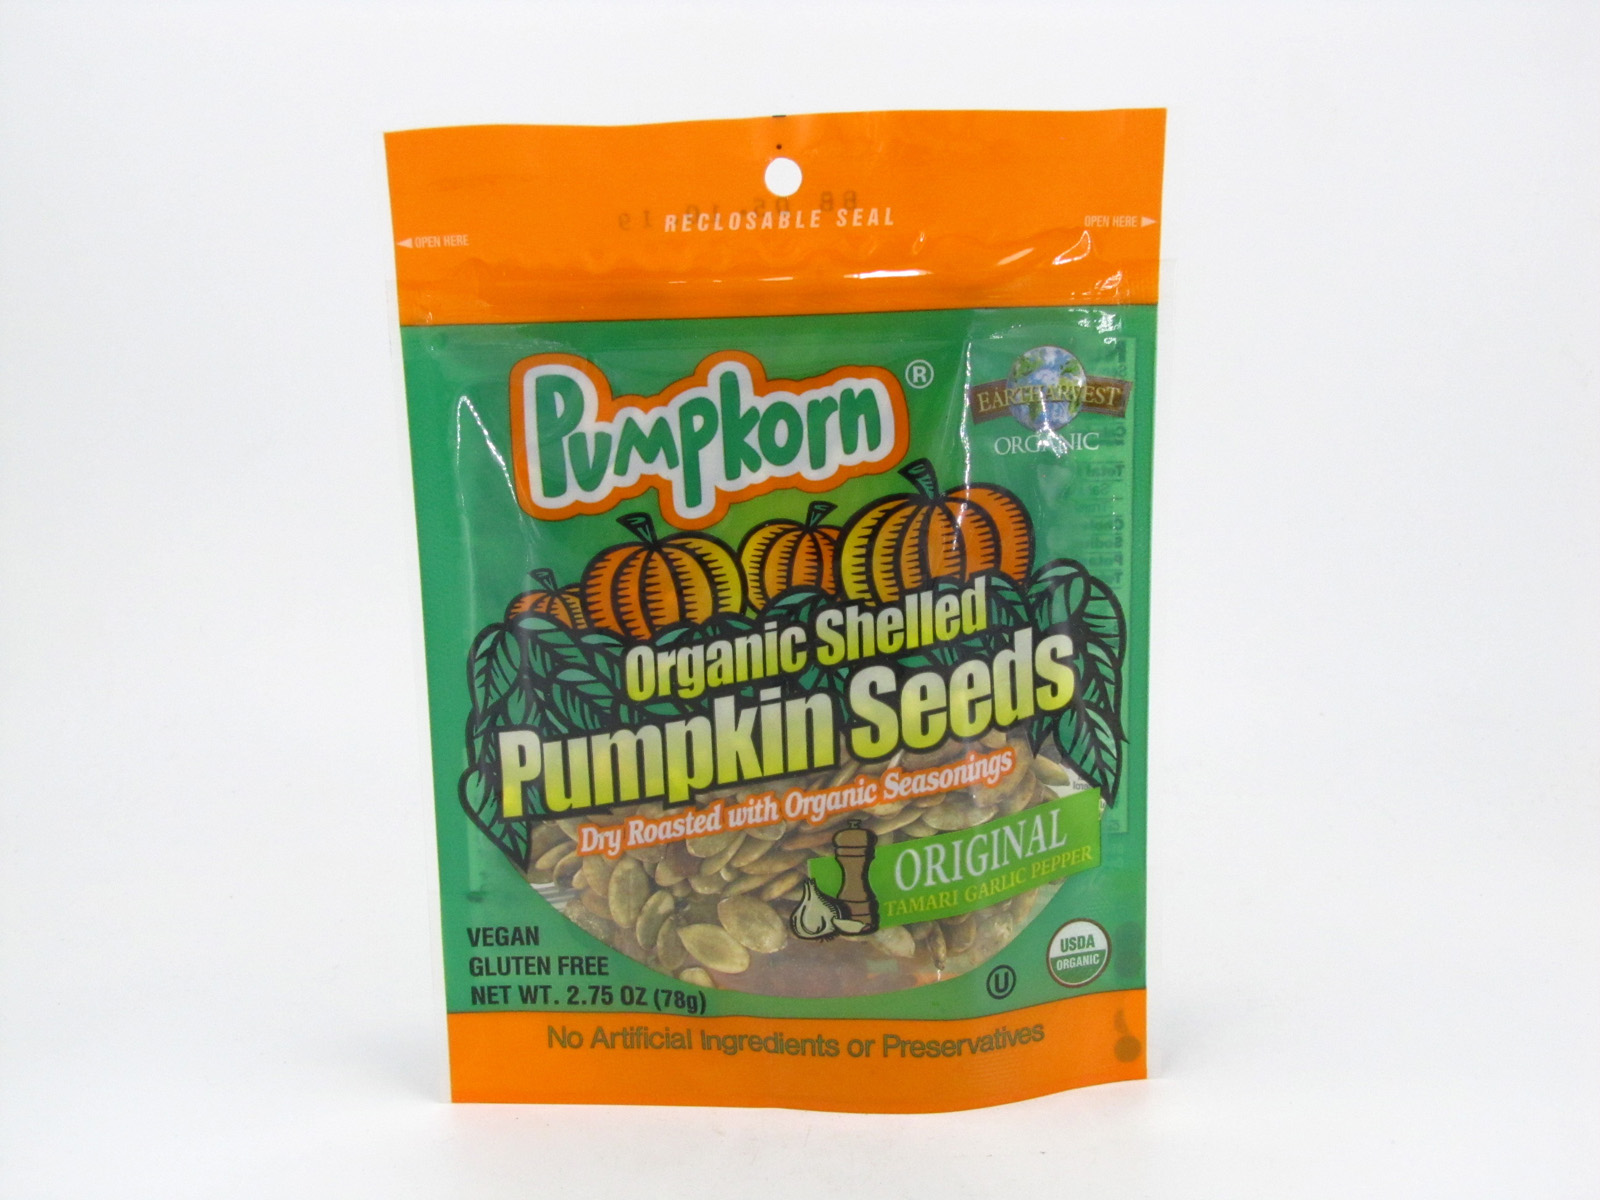 Pumpkorn Pumpkin Seeds - Original - front view